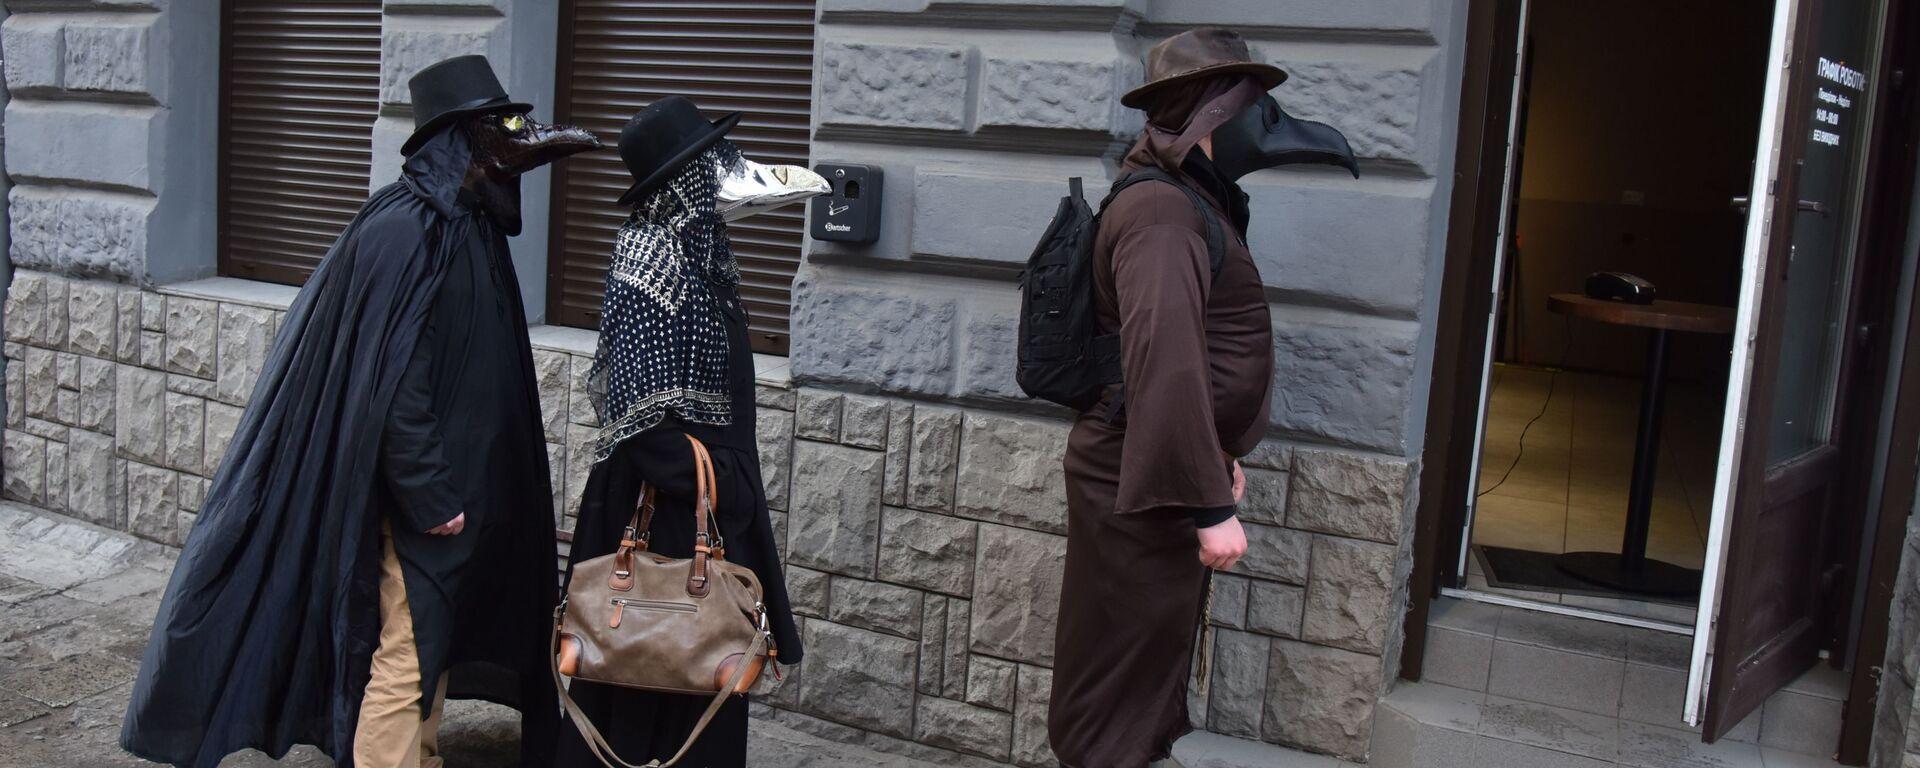 Lidé v kostýmech morových lékařů na ulici Lvova, Ukrajina - Sputnik Česká republika, 1920, 30.06.2021